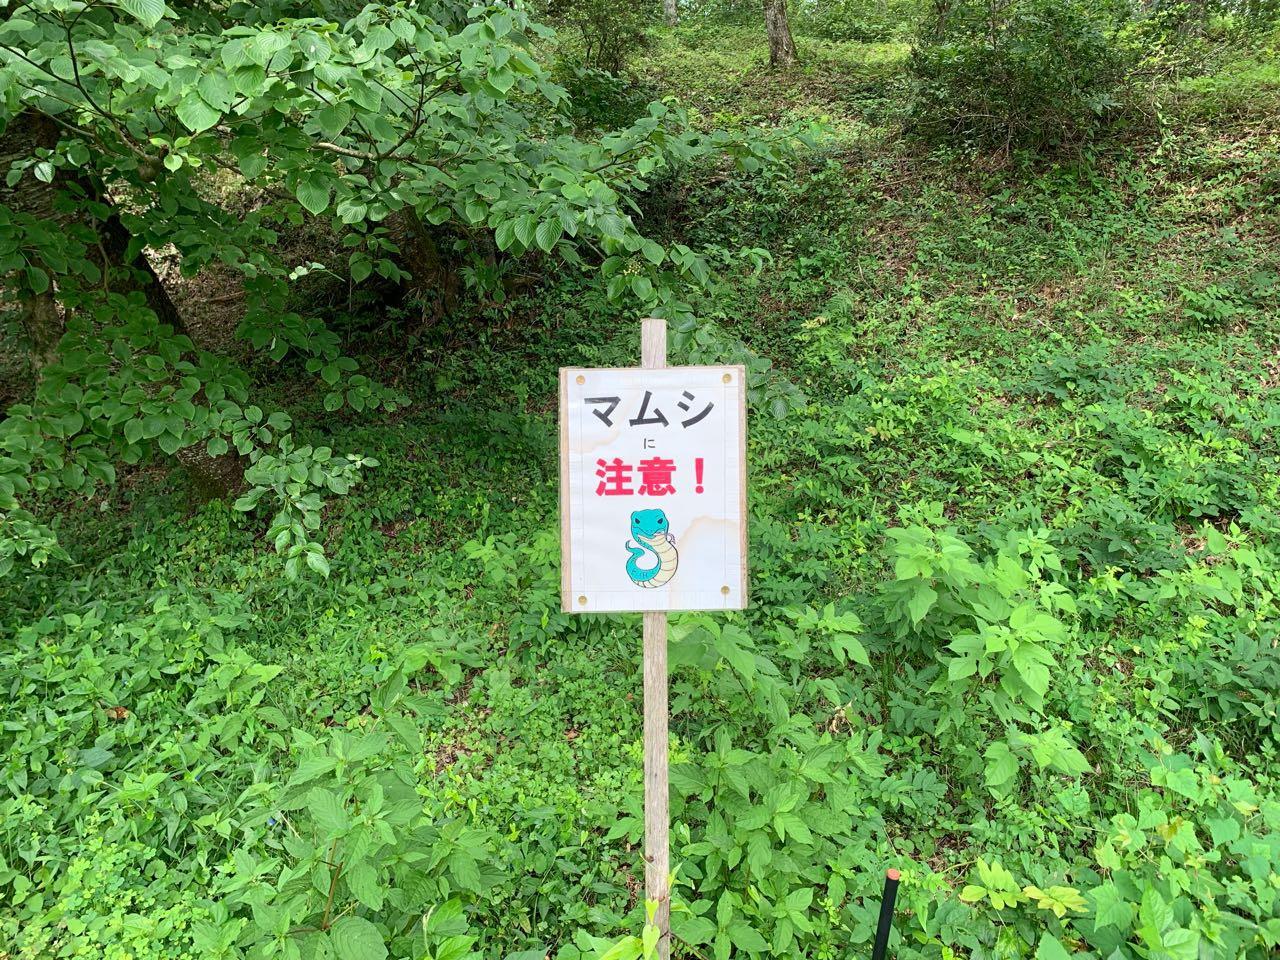 田んぼアート 恵那市 山岡町